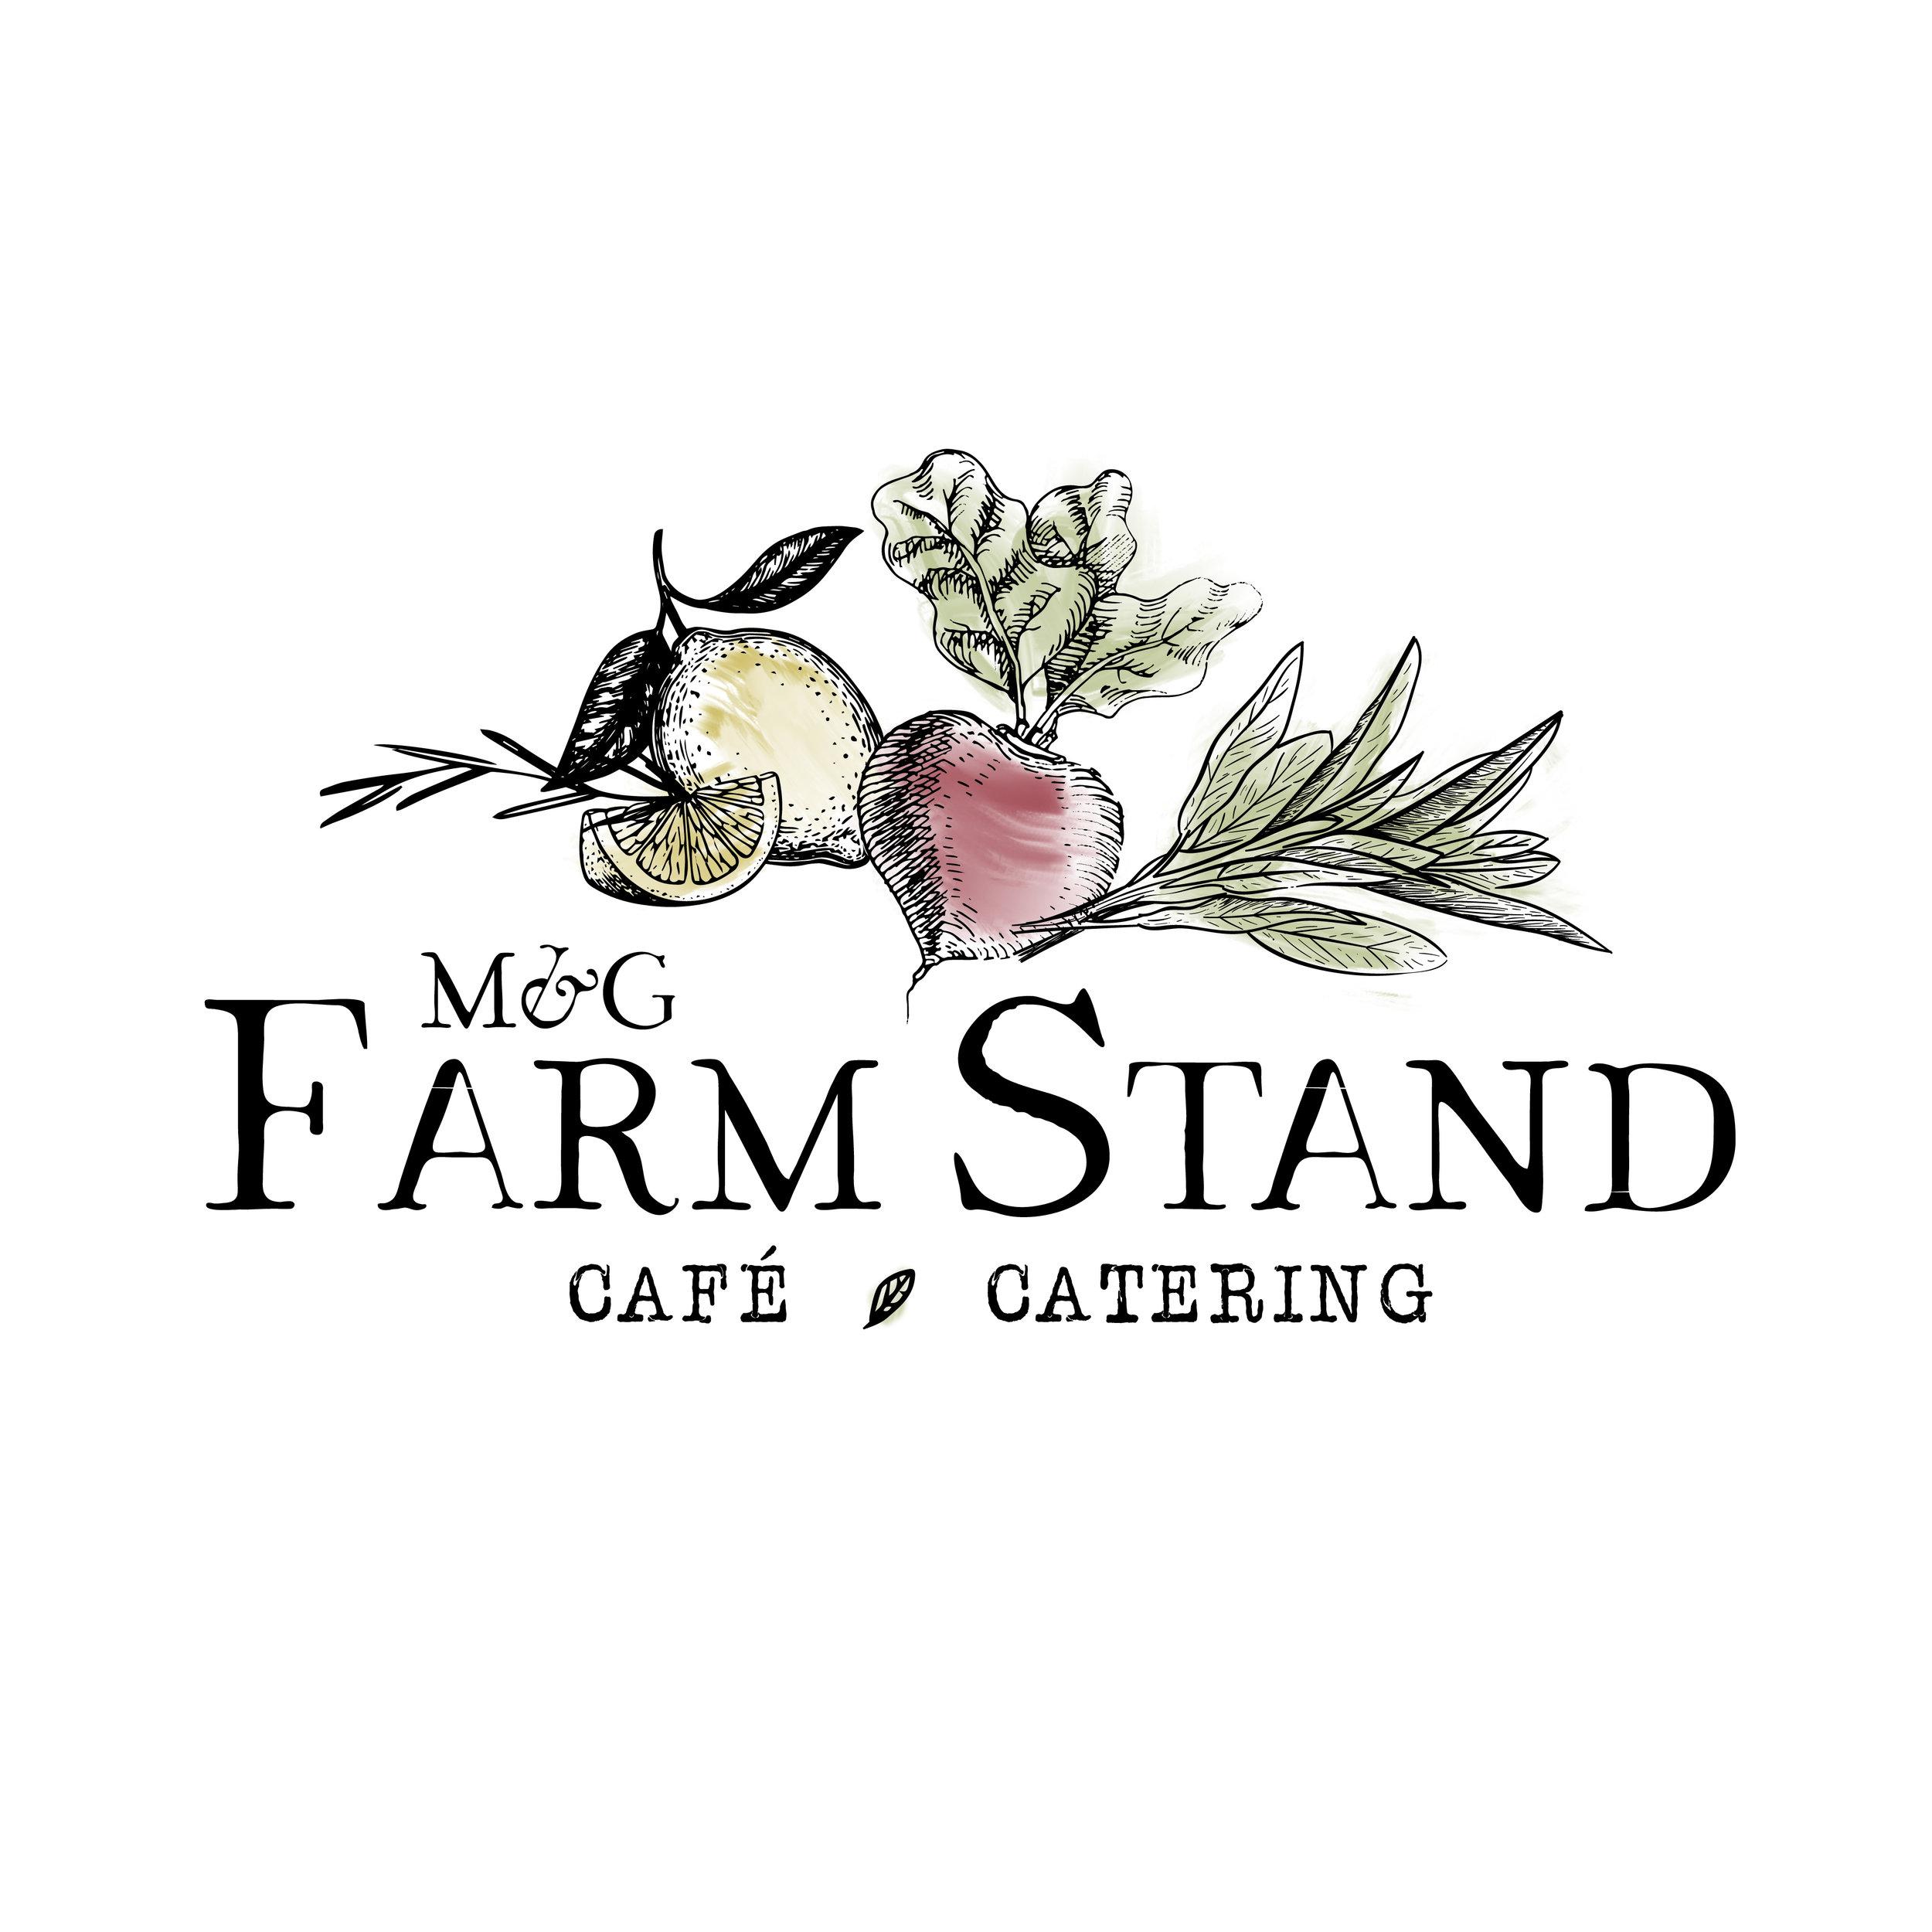 M&G Farm Stand